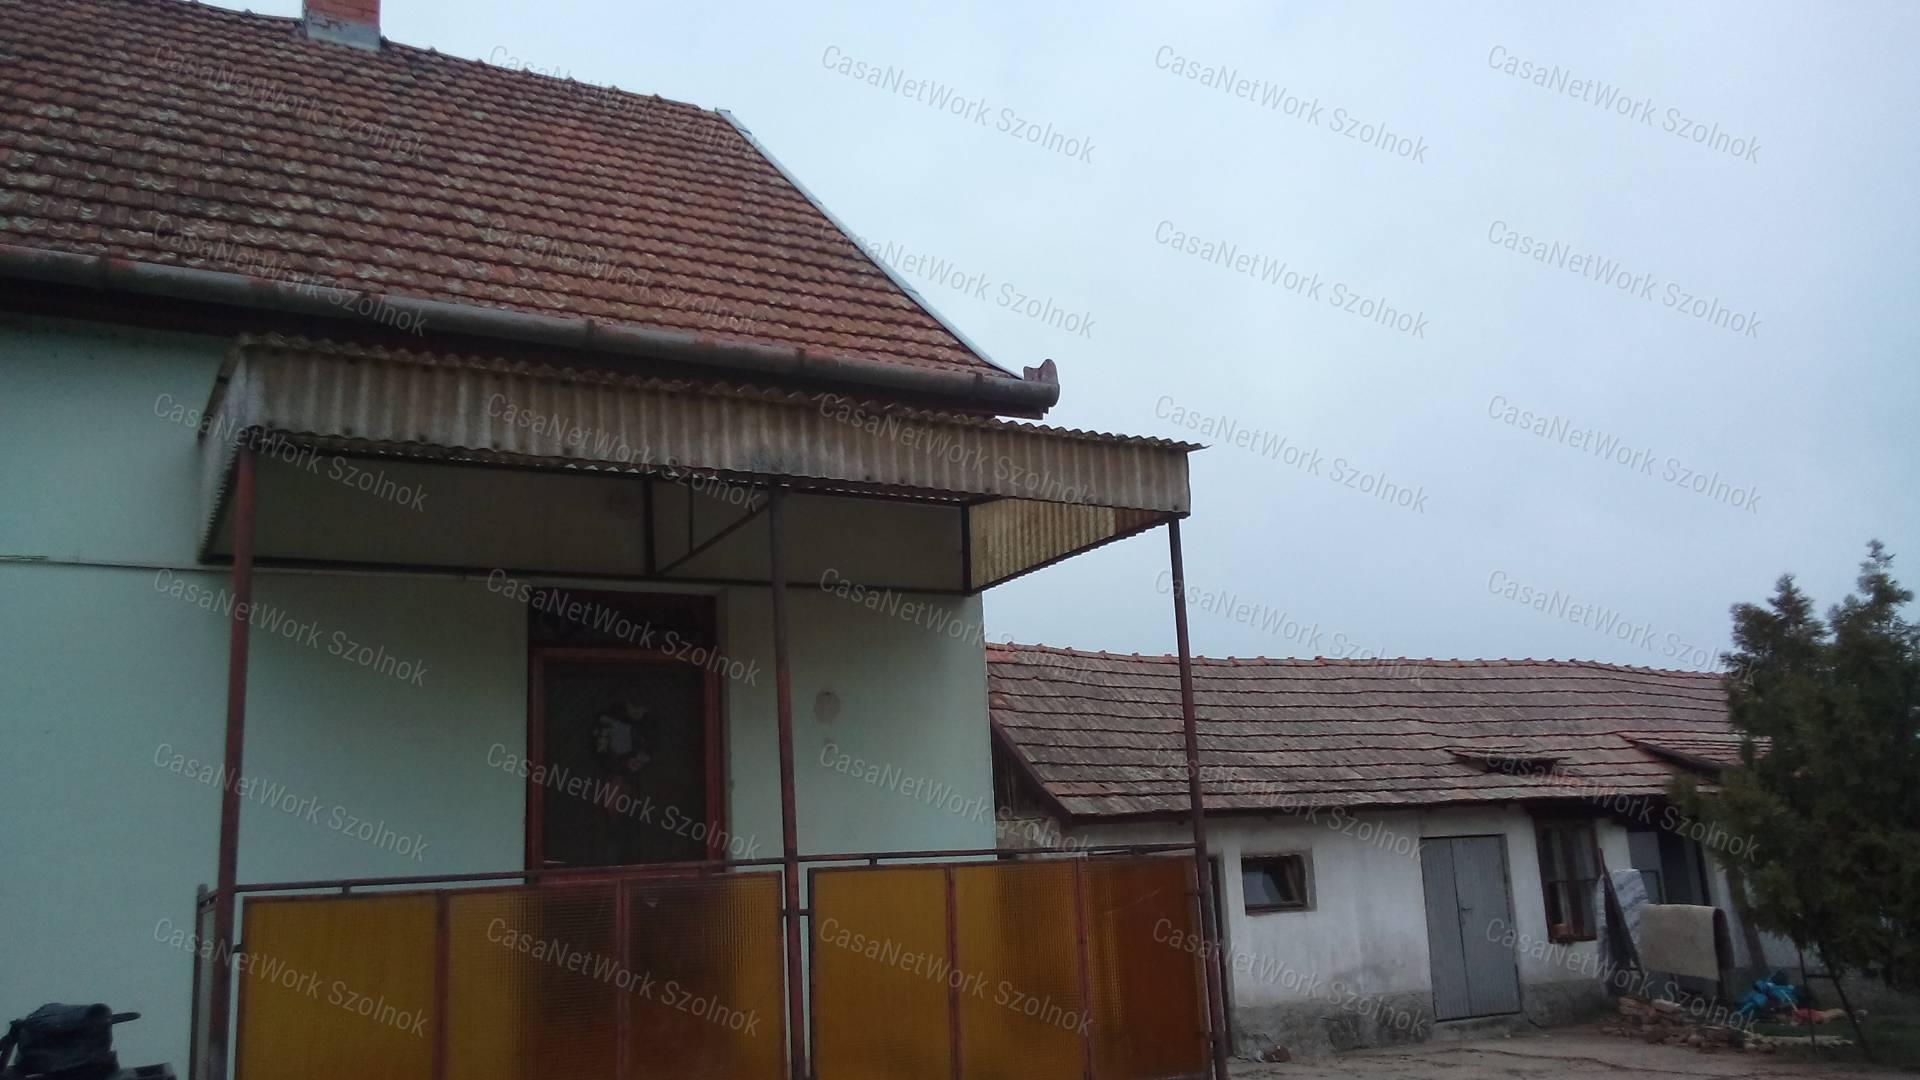 Eladó családi ház, Jász-Nagykun-Szolnok megye, Kengyel - sz.: 155802692 - CasaNetWork.hu